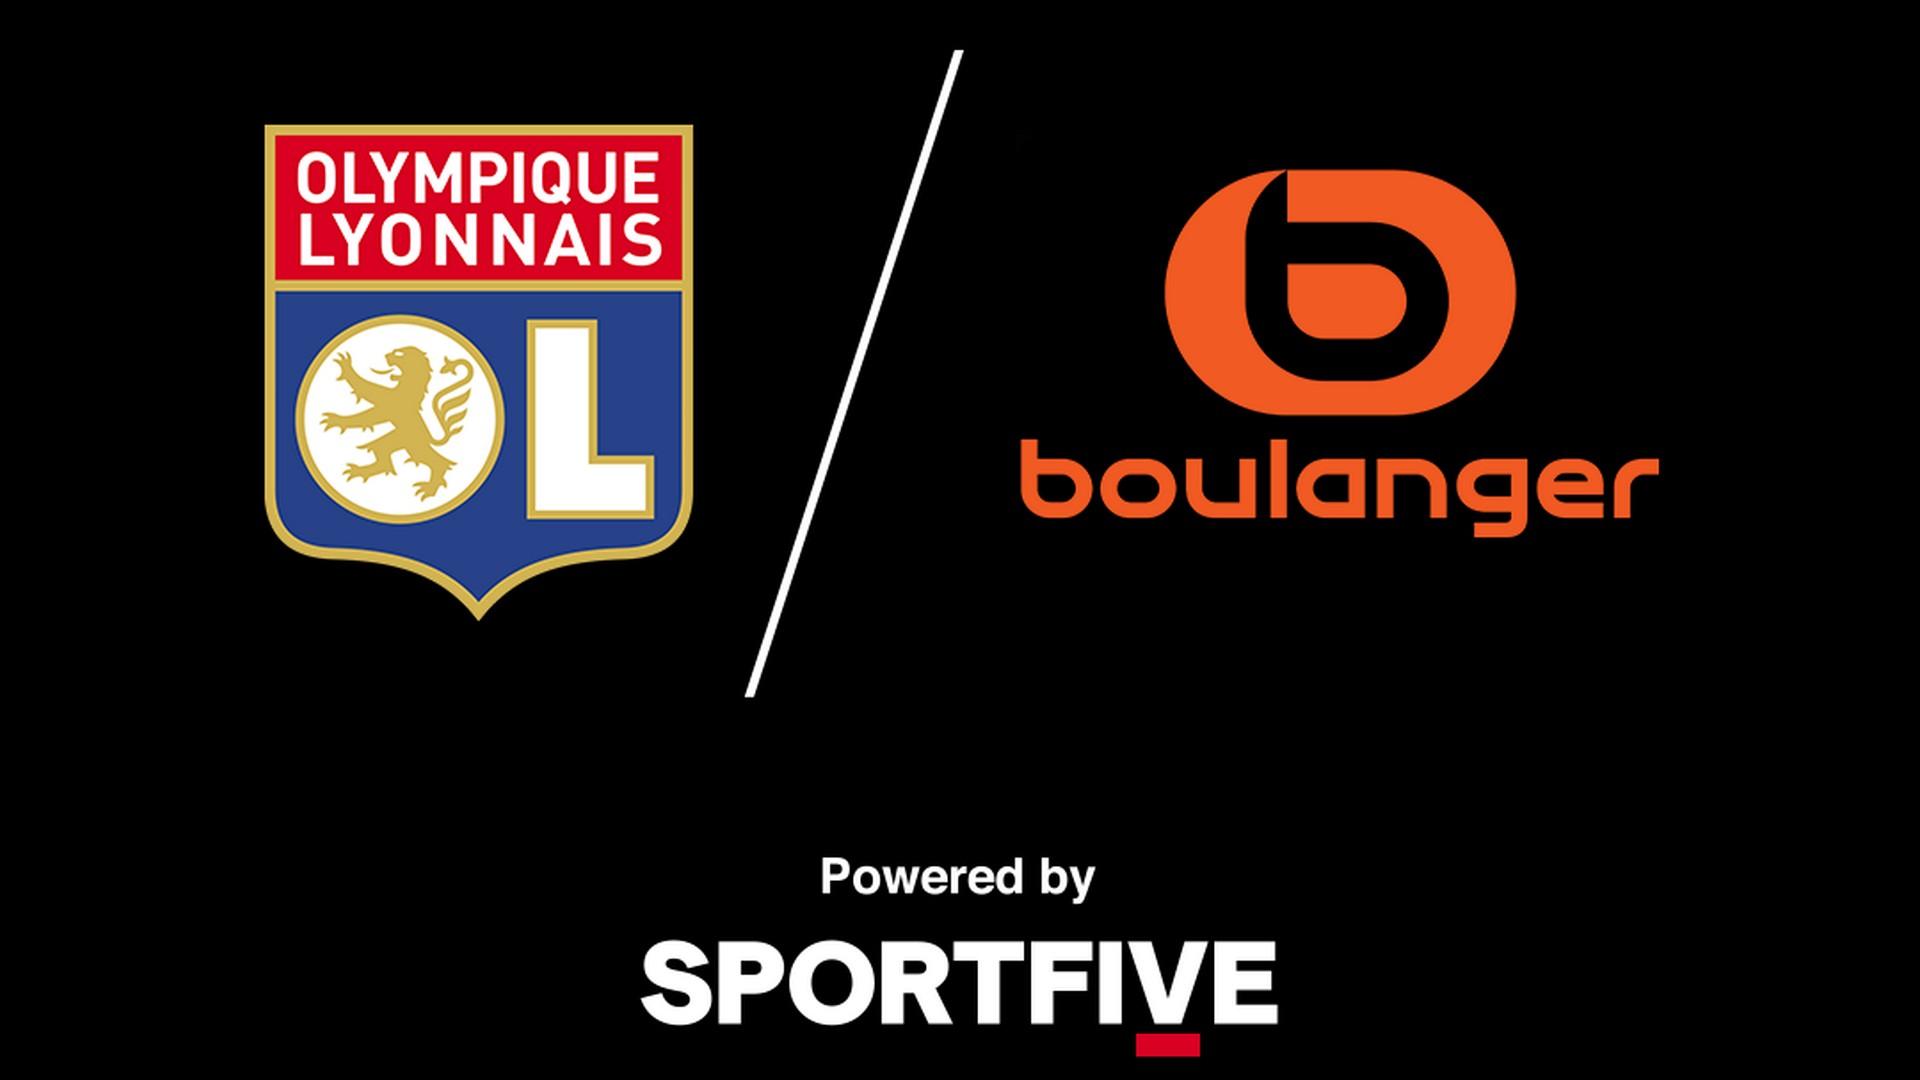 Boulanger x Olympique lyonnais OL (football) 2021